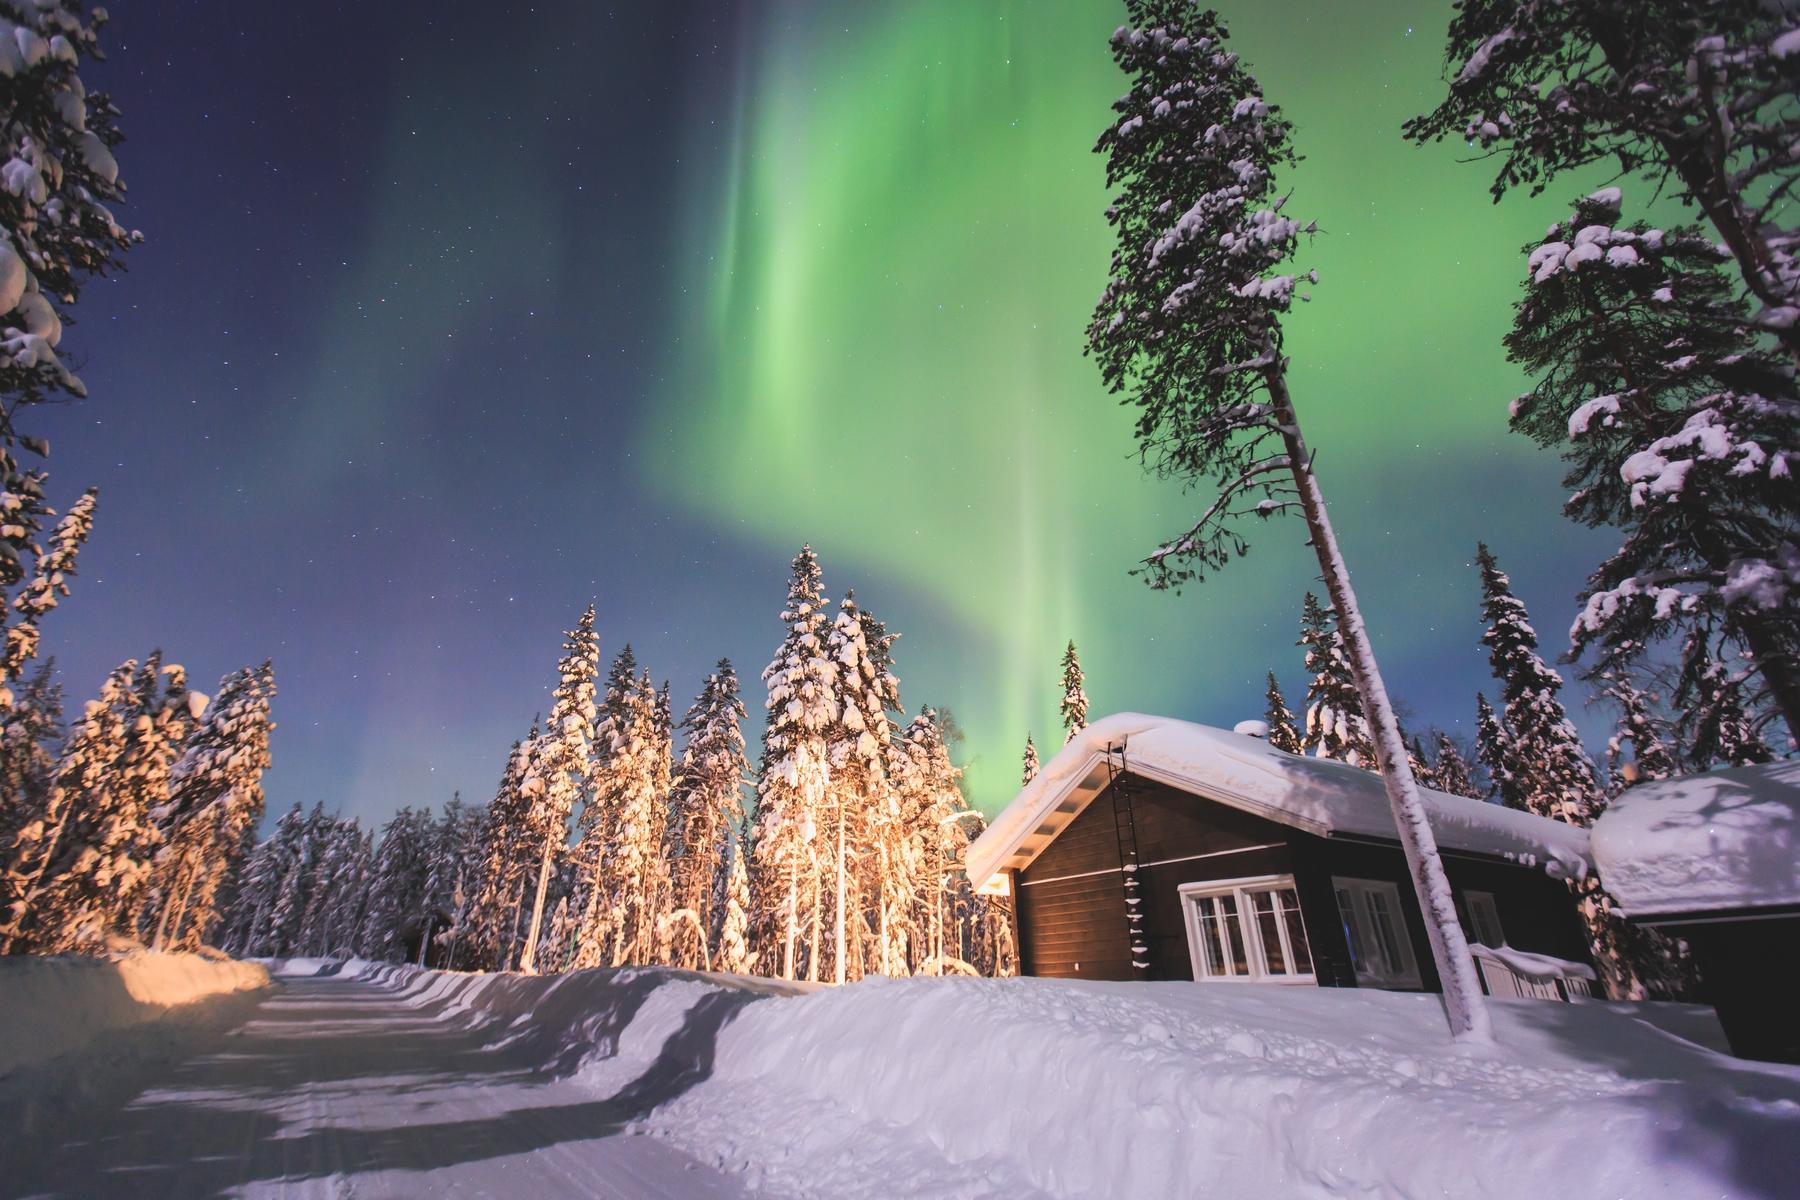 Vacaciones en familia 2021 en Laponia